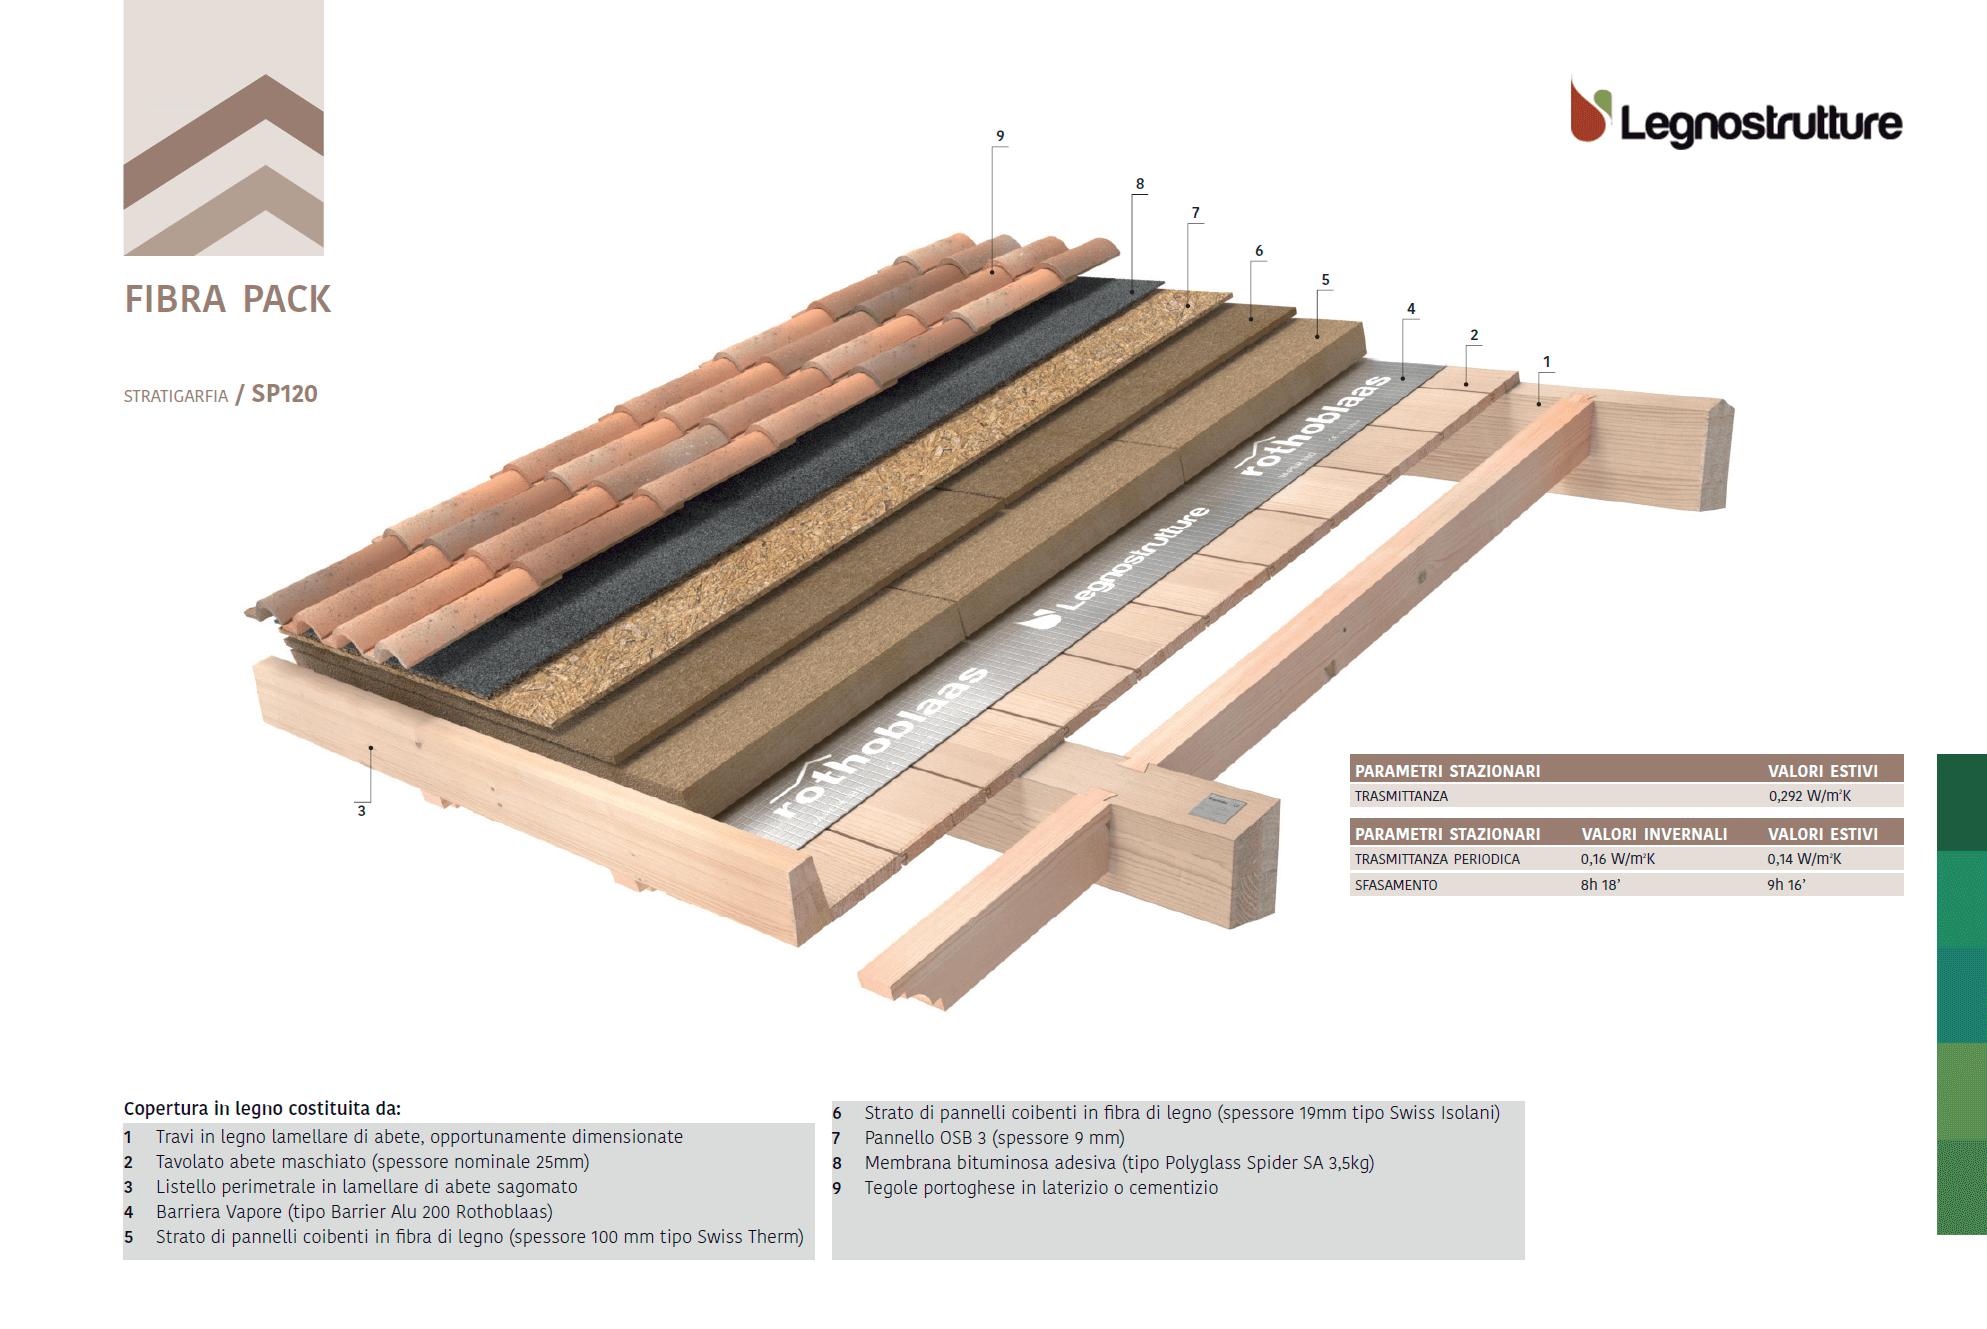 Stratigrafia tetto in legno fibra pack